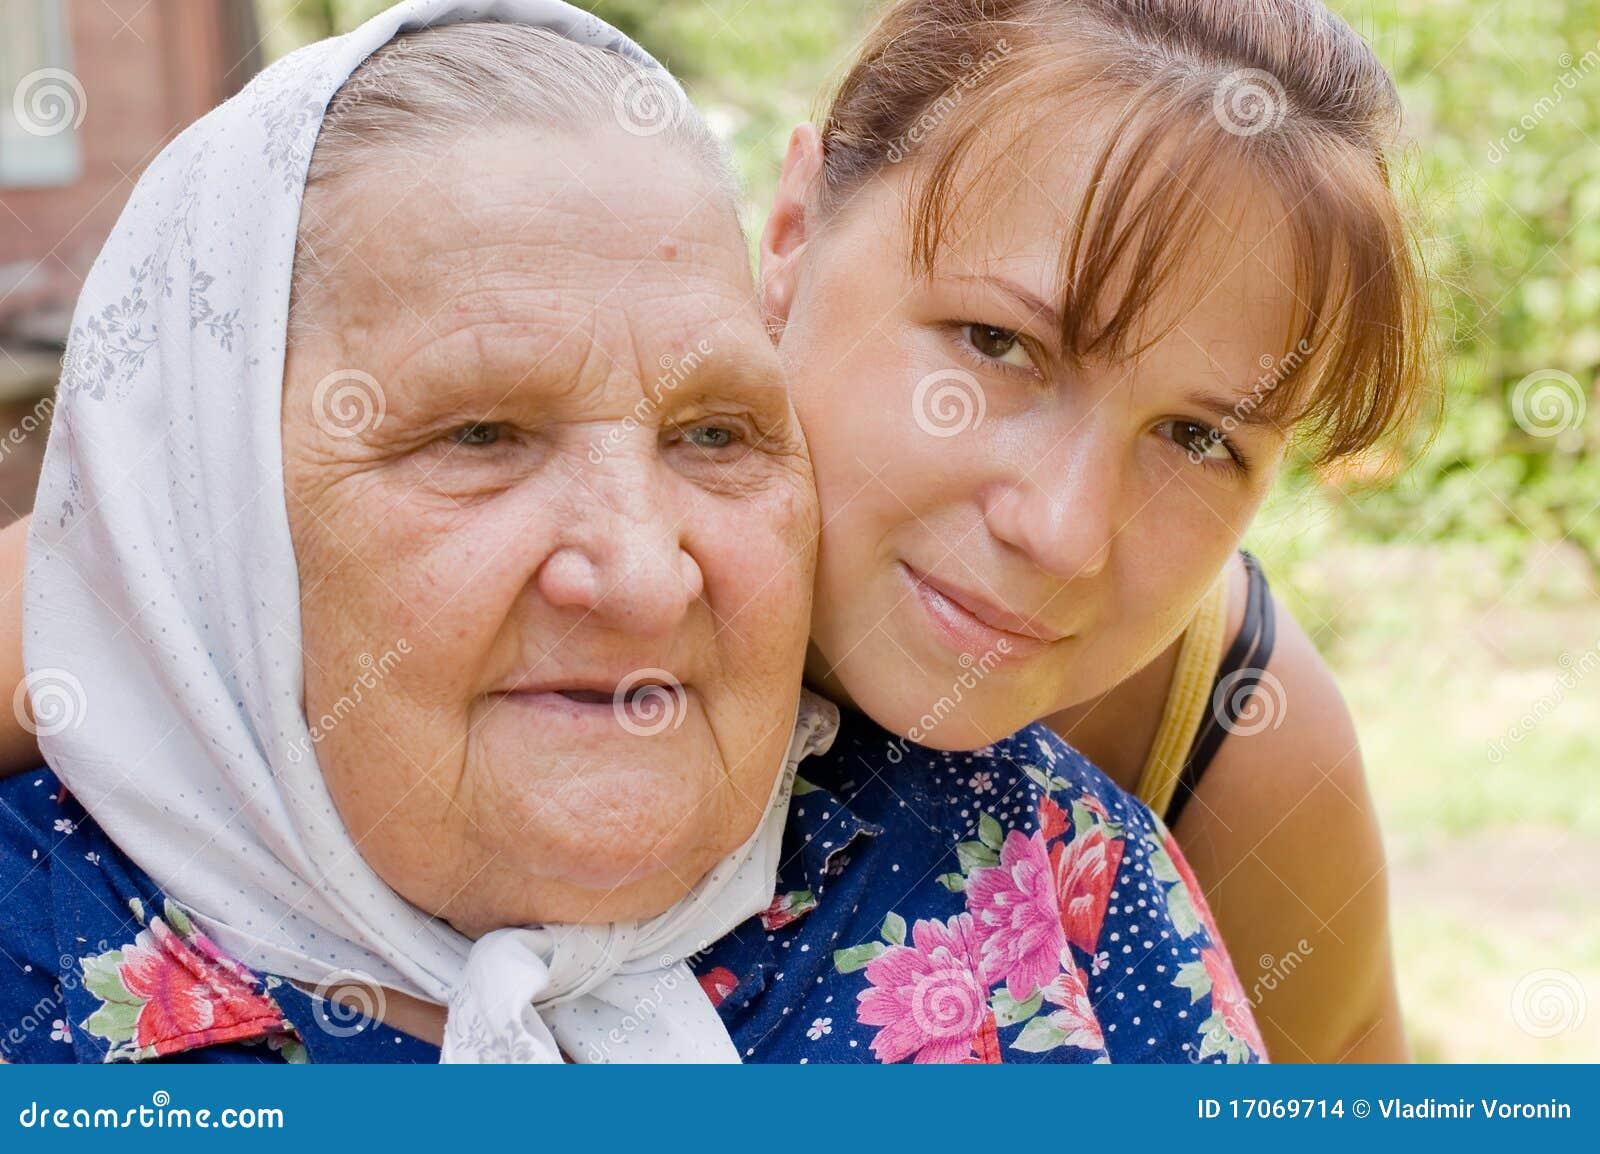 Бабушка с членом просто ничего